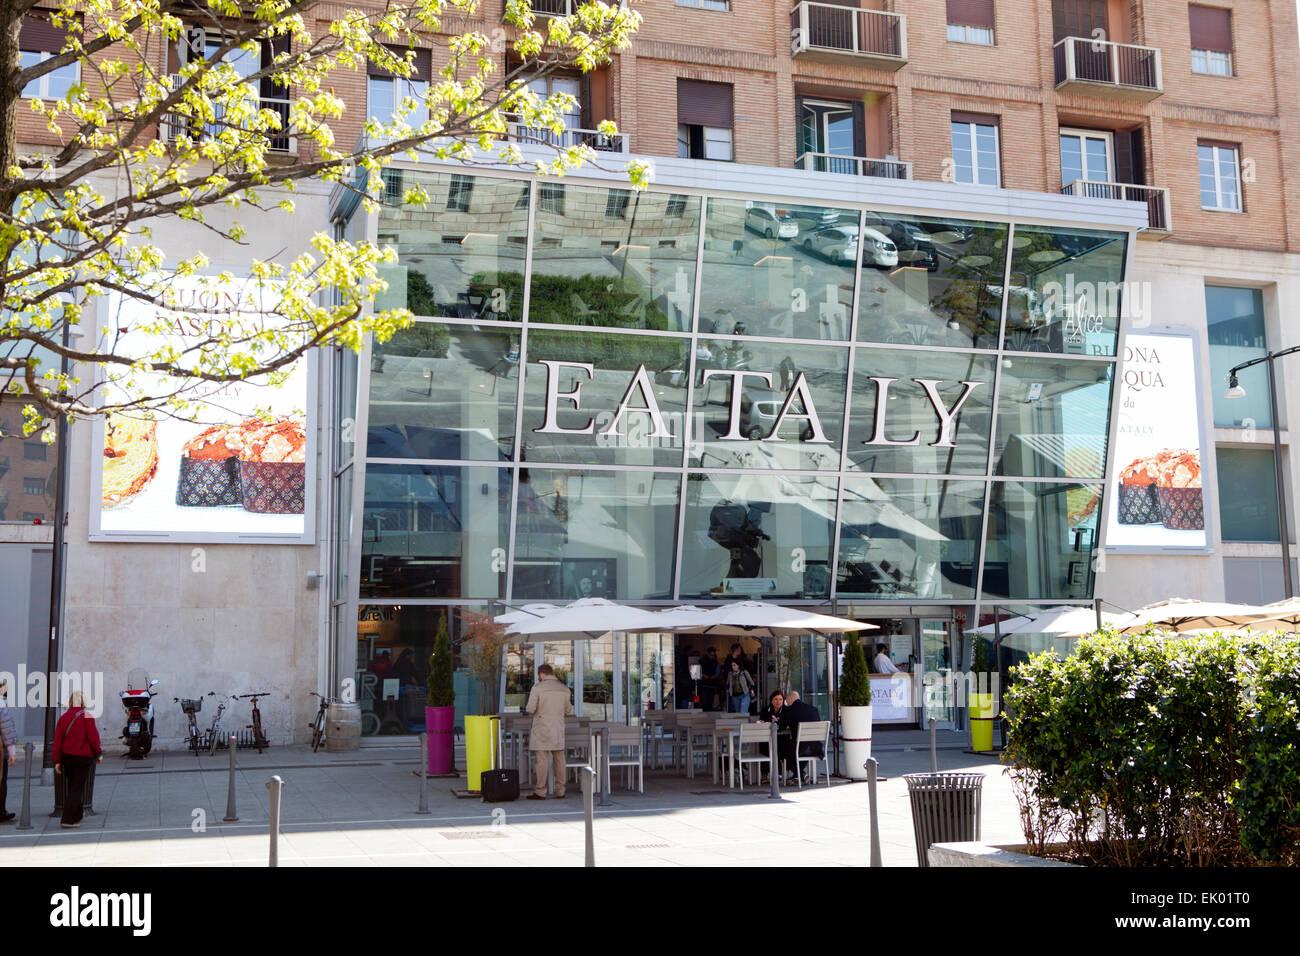 Eataly Mailand Stockfotos Und Bilder Kaufen Alamy